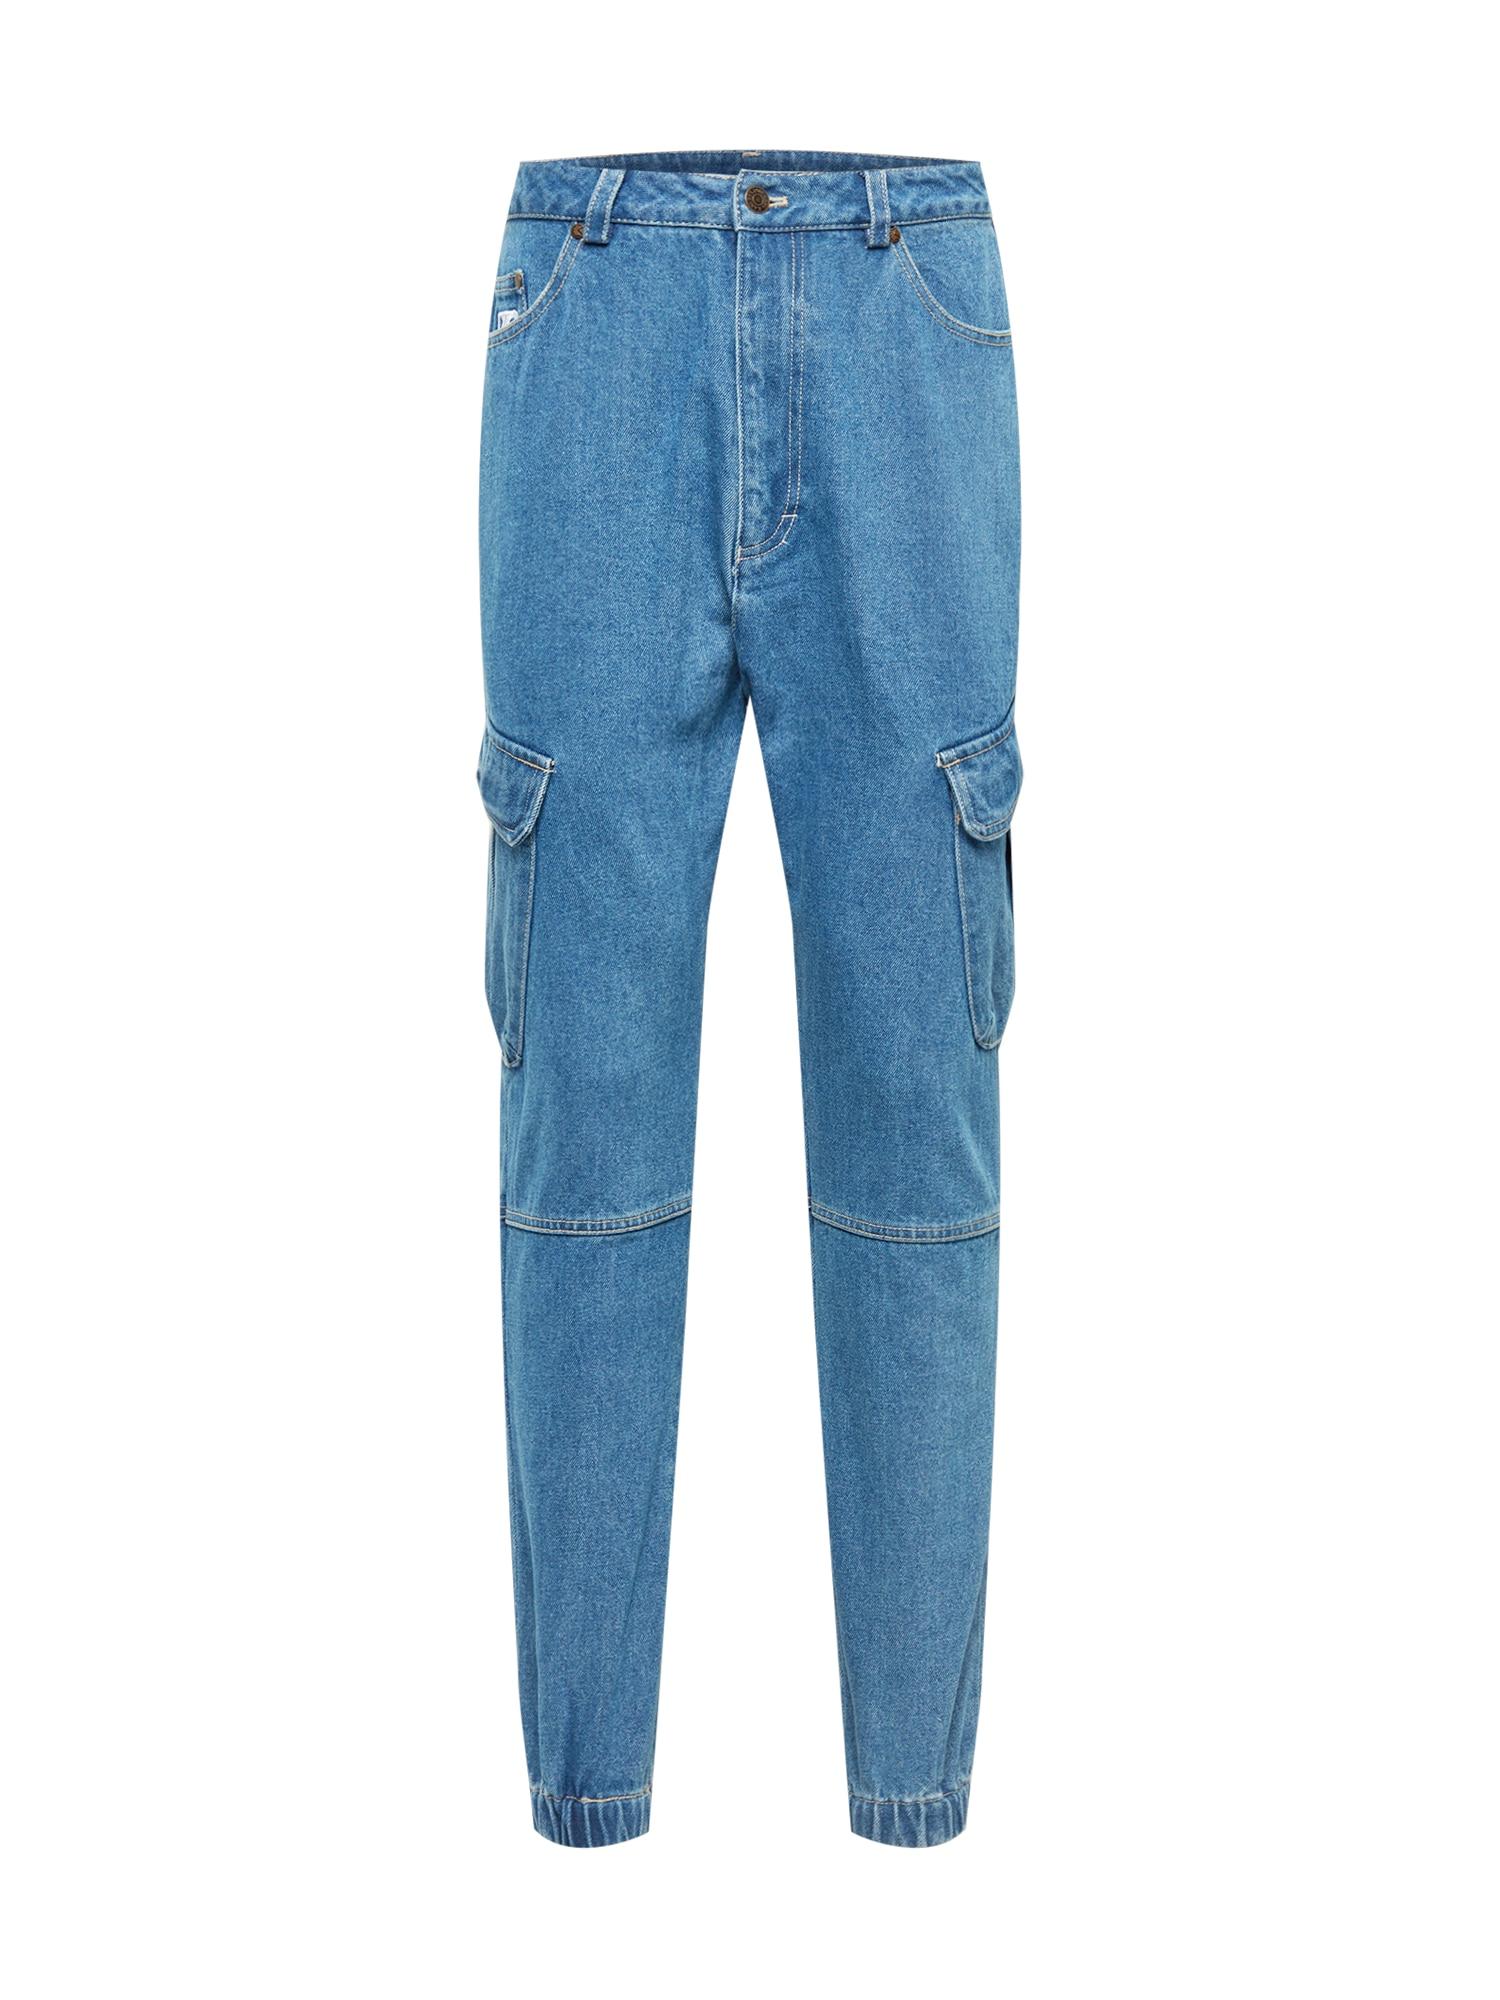 Karl Kani Darbinio stiliaus džinsai tamsiai (džinso) mėlyna